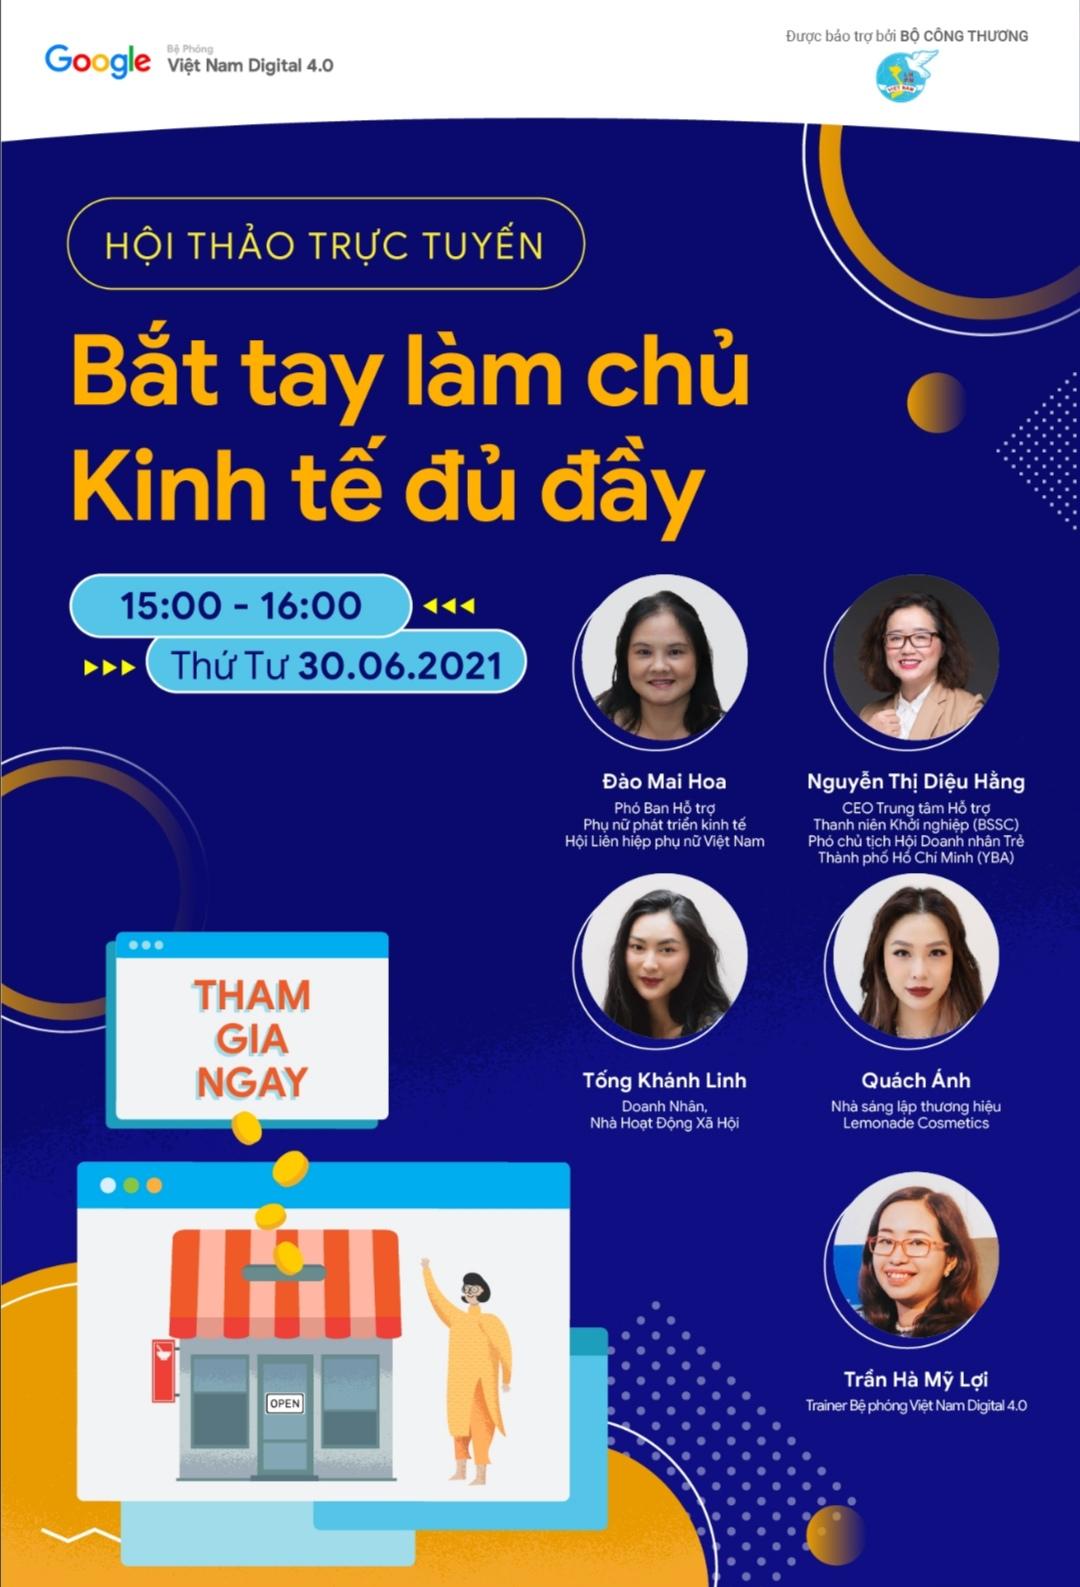 Screenshot 20210629 185120 Hội thảo trực tuyến cho phụ nữ Việt: Bắt tay làm chủ   Kinh tế đủ đầy